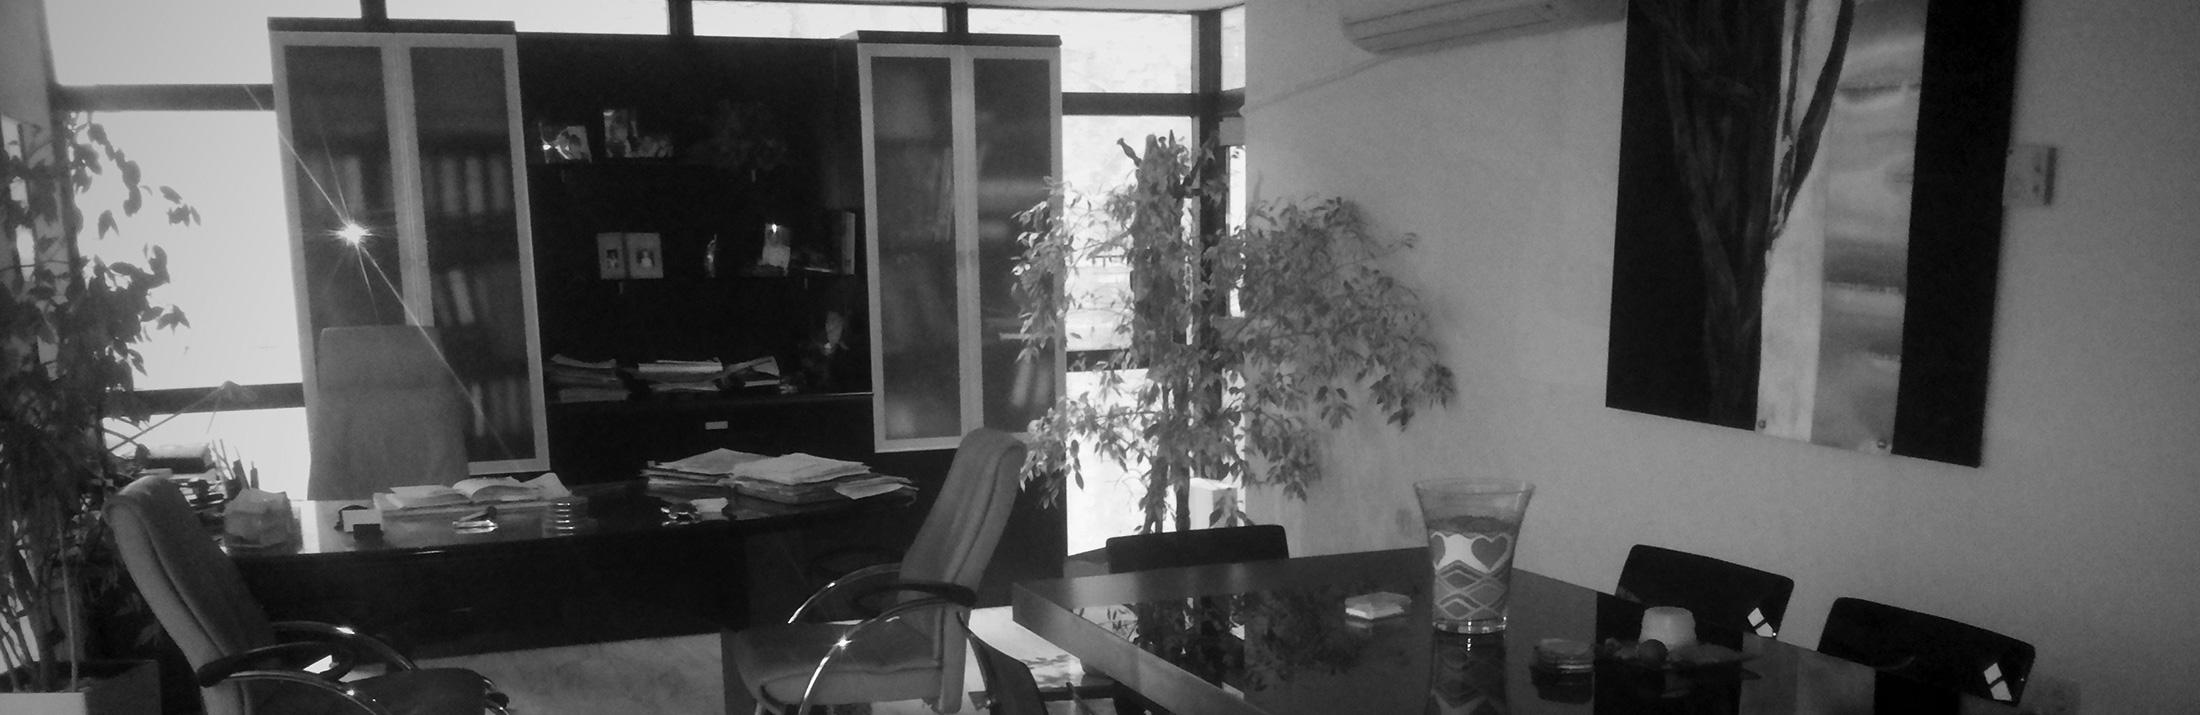 Βρείτε μας καθημερινά στα γραφεία μας μεταξύ 8.30 και 17.30